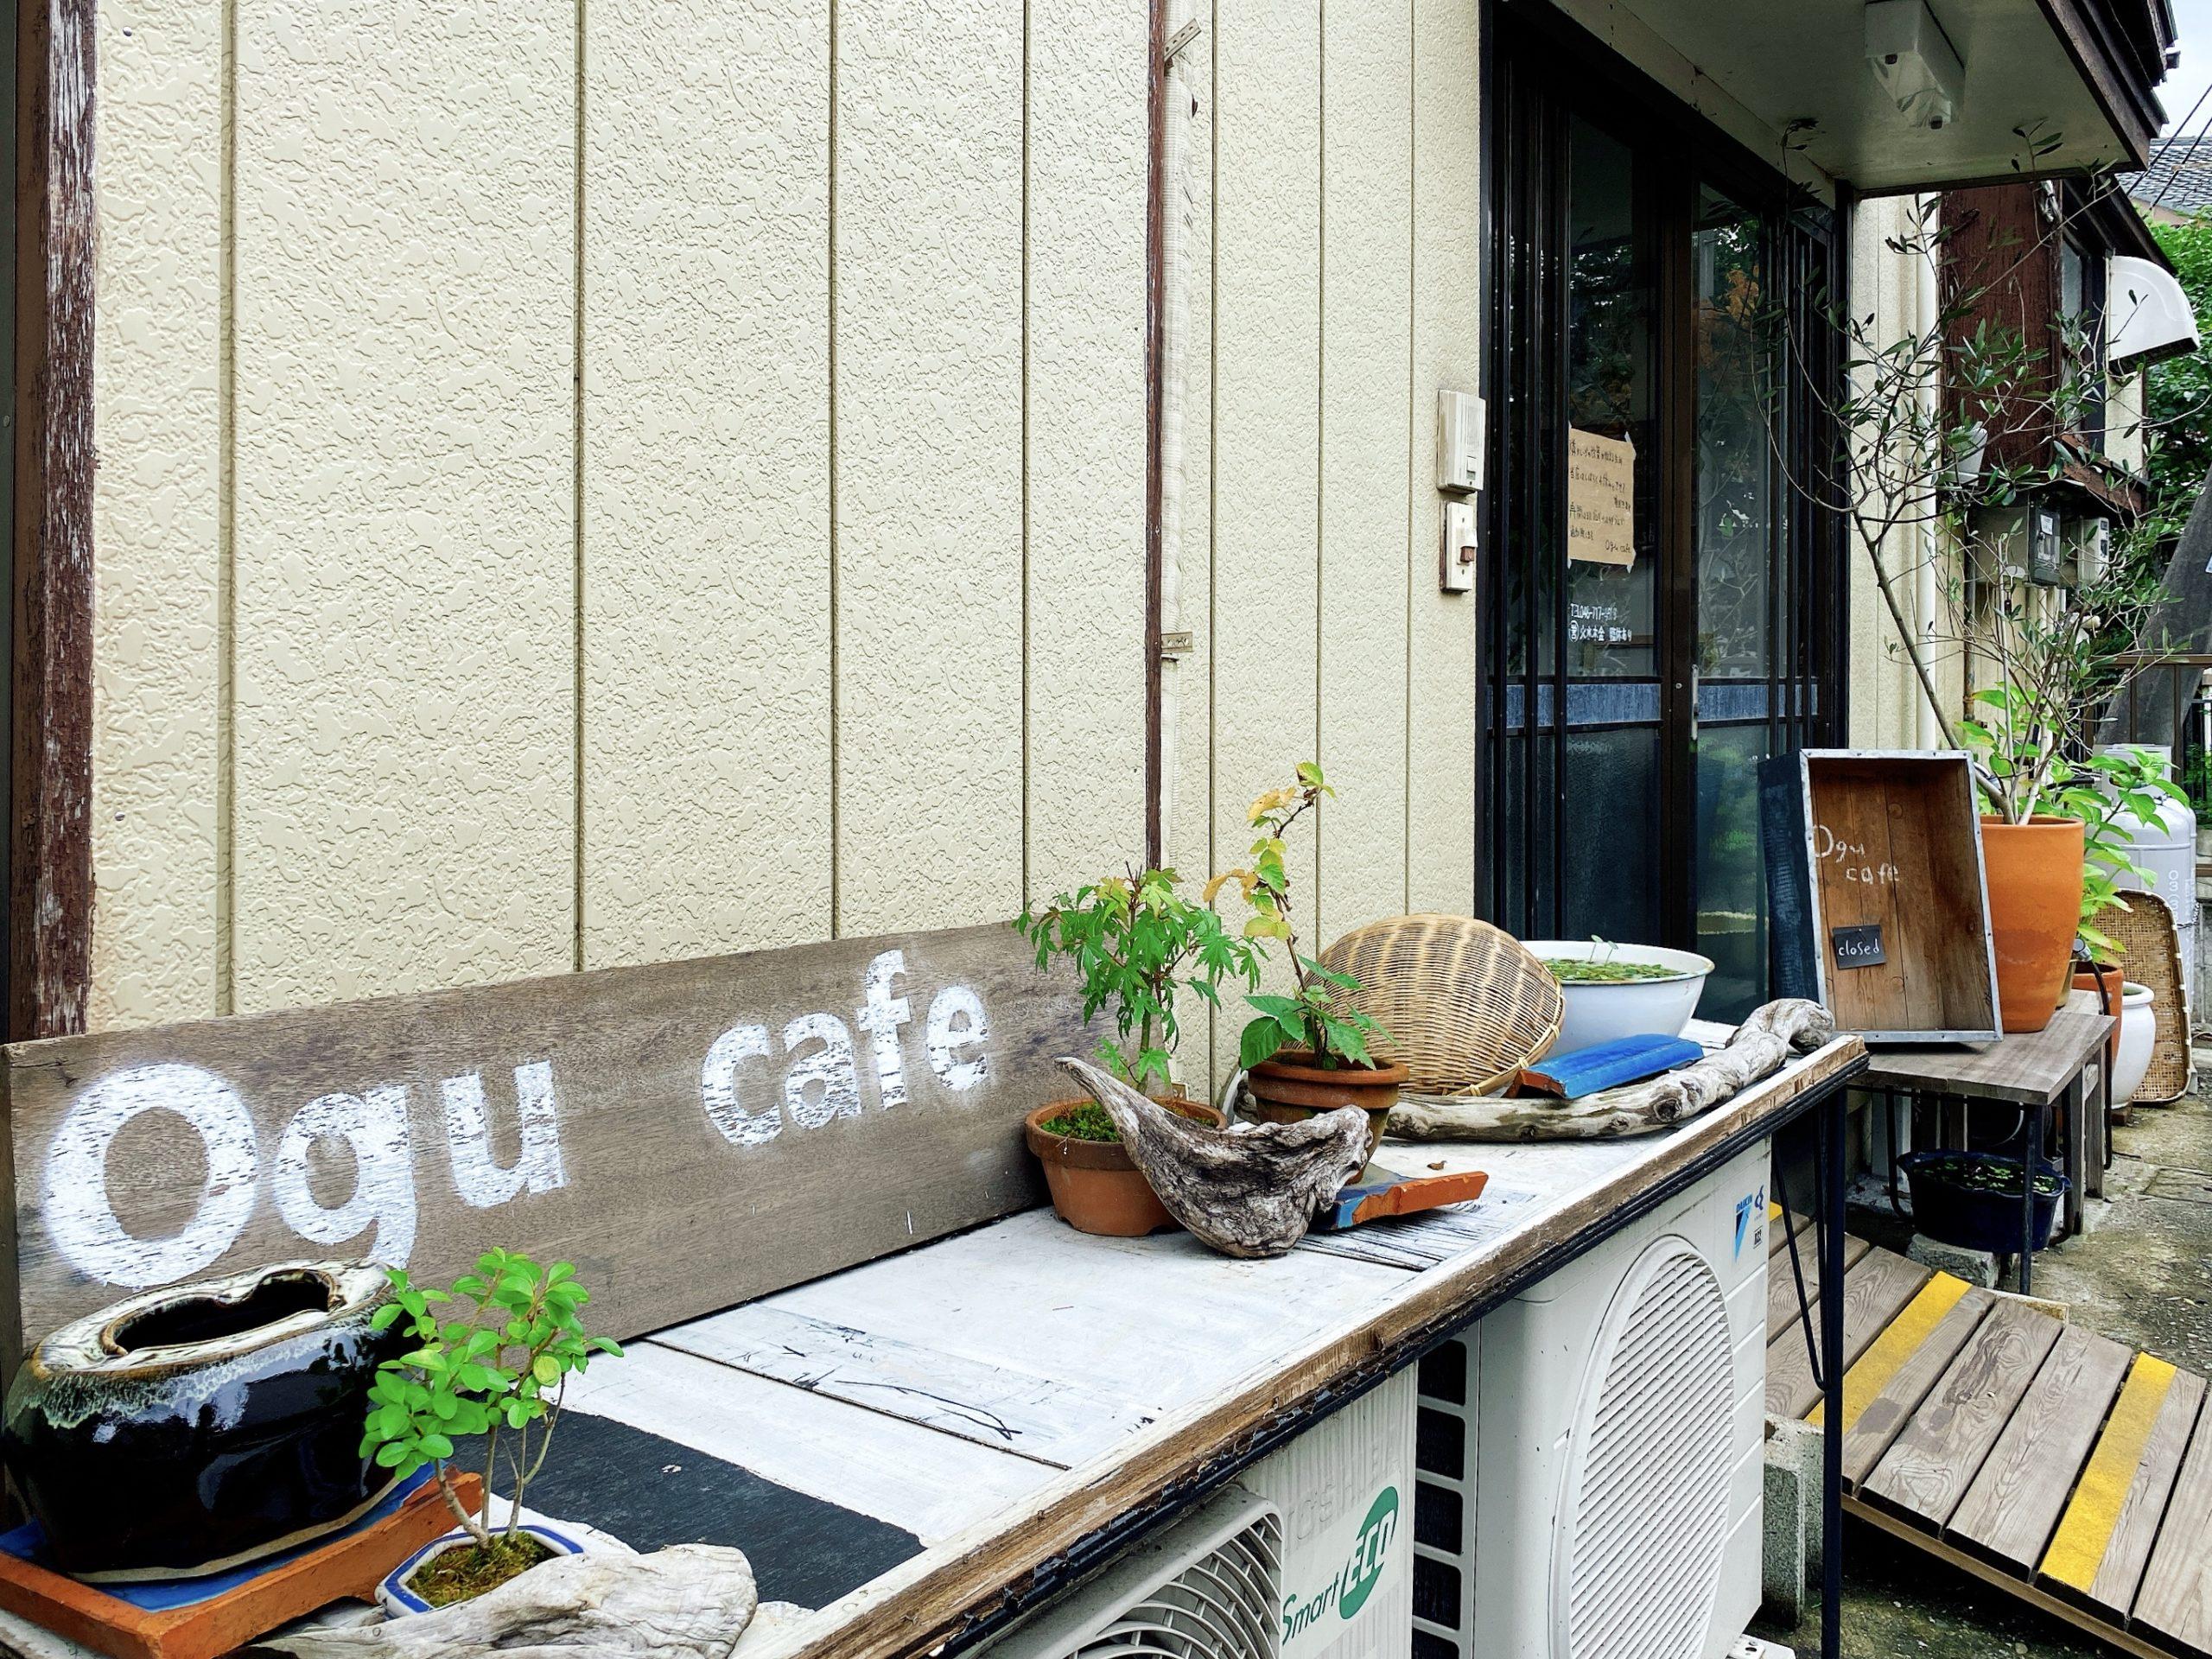 見沼区御蔵 ogu cafe